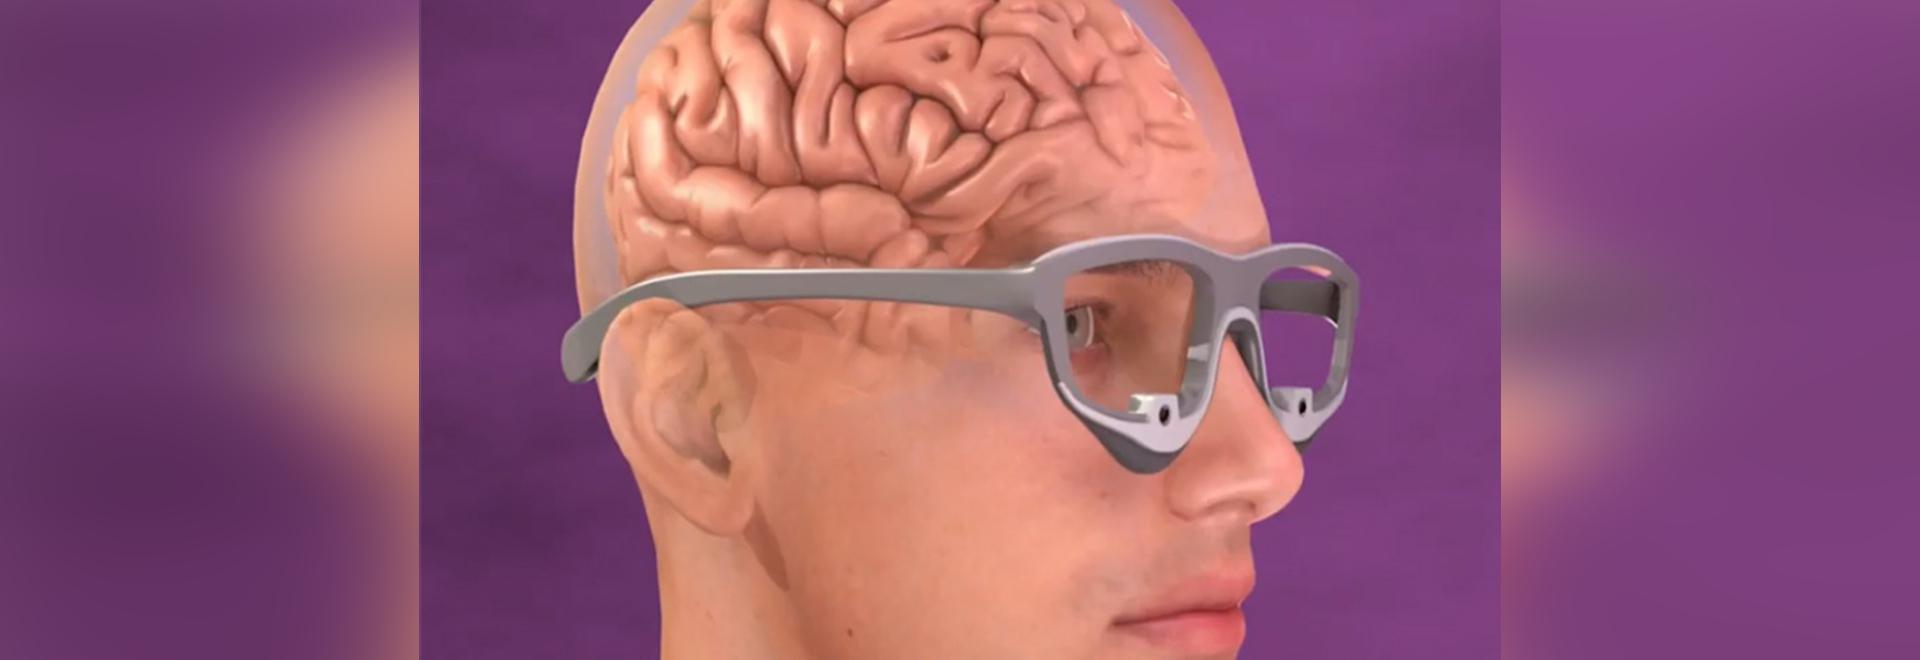 Un système de cerveau optogénétique pour donner la vue aux aveugles